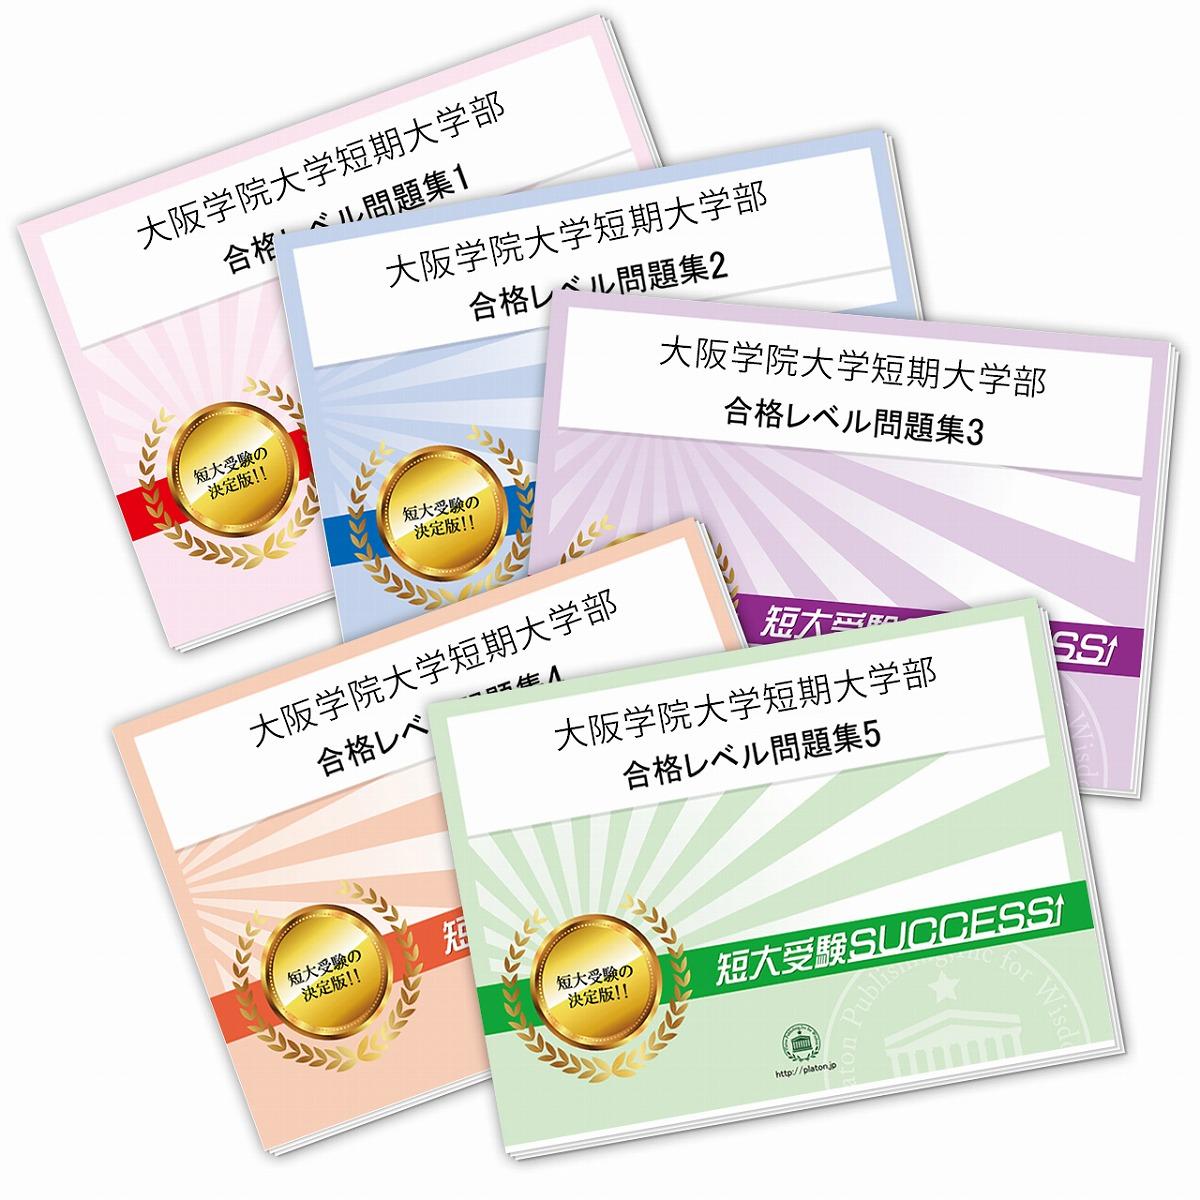 【送料・代引手数料無料】大阪学院大学短期大学部受験合格セット(5冊)